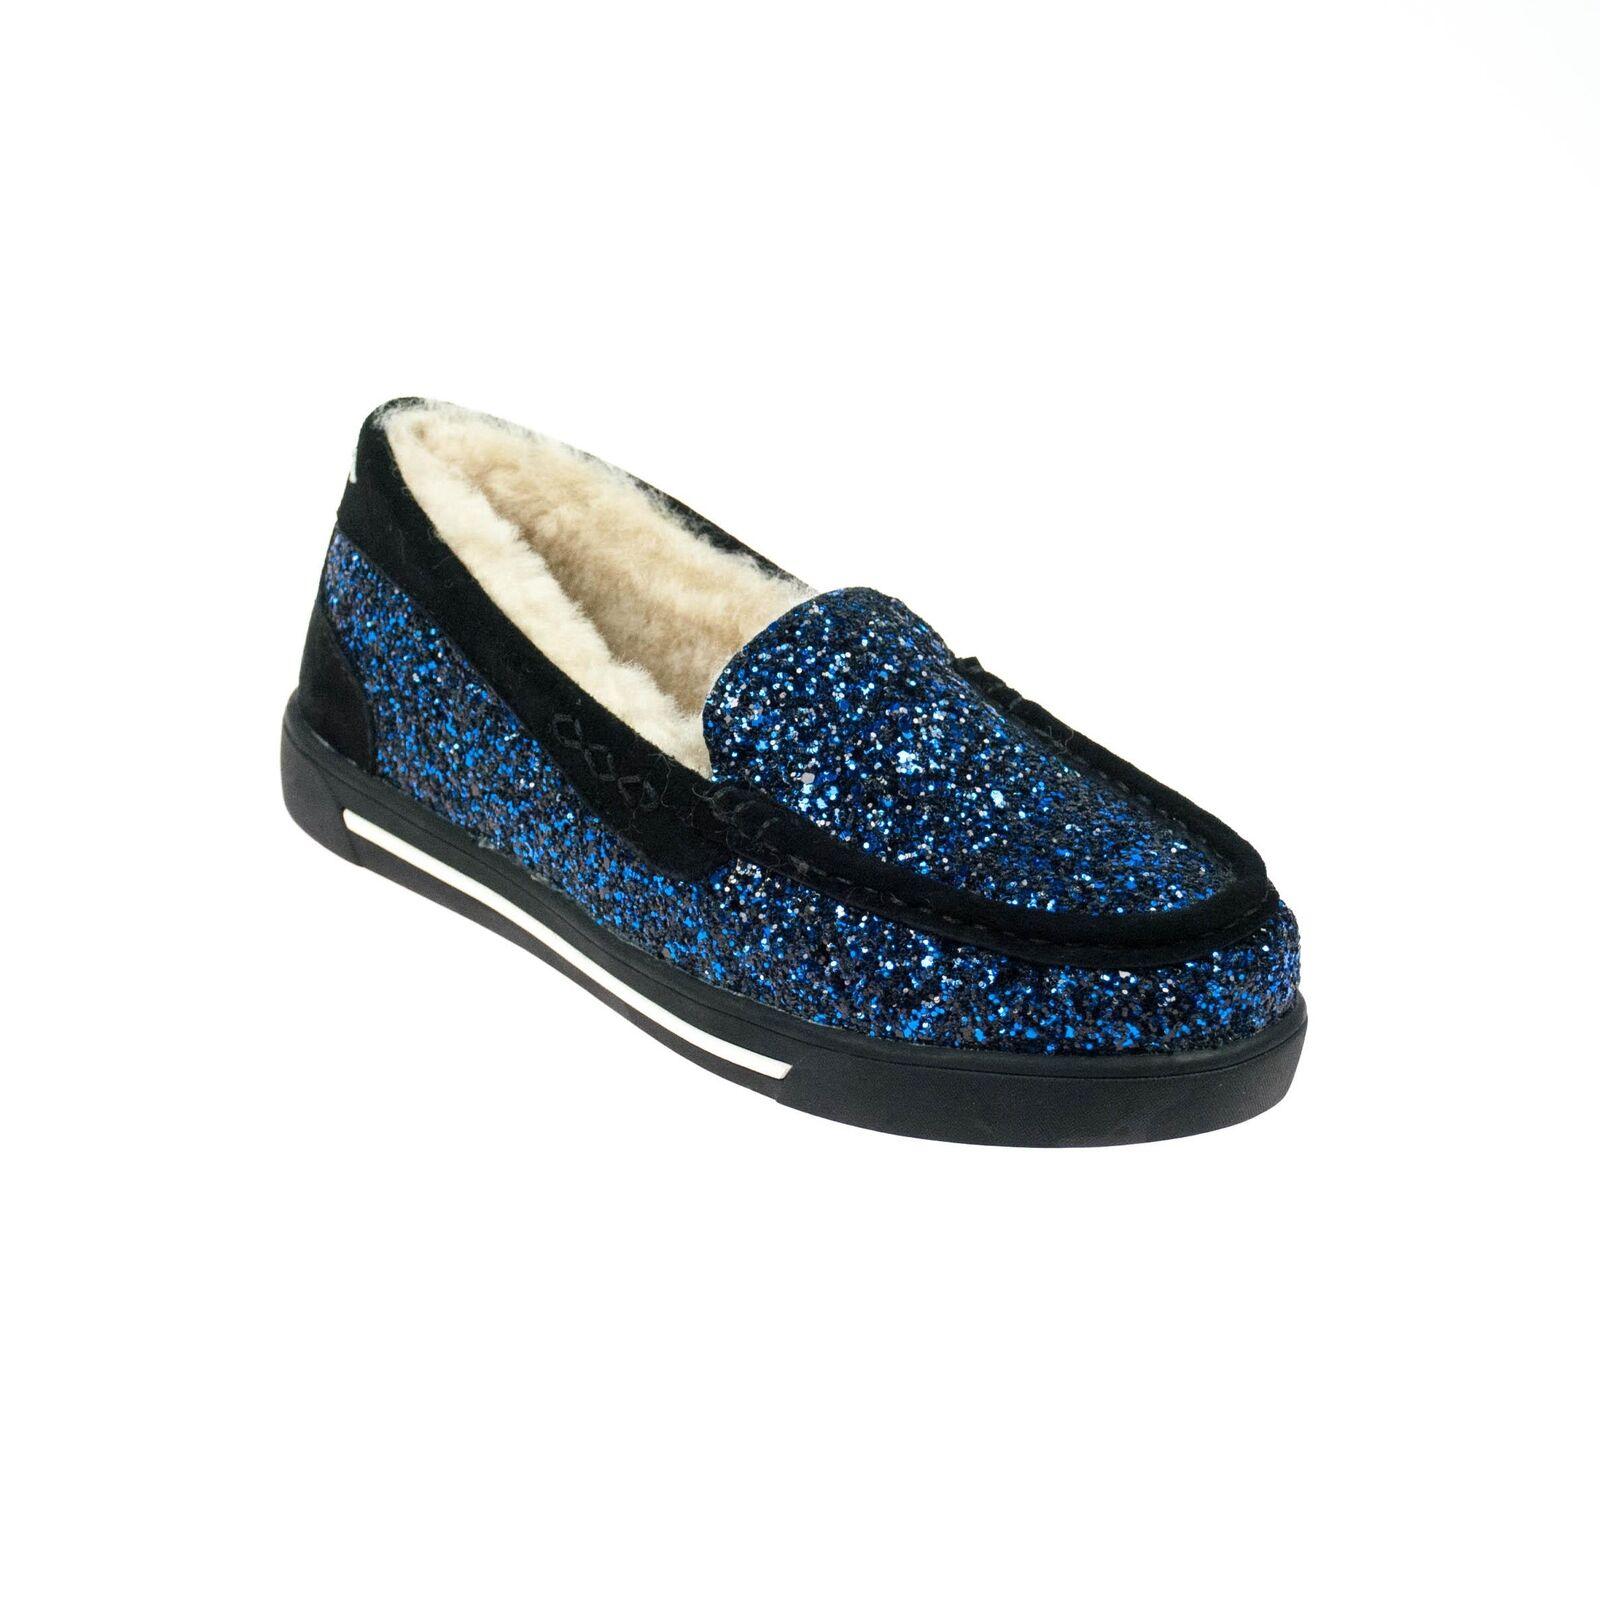 Movie's señora semi zapato Slipper azul brillo forradas forradas brillo 8738d5